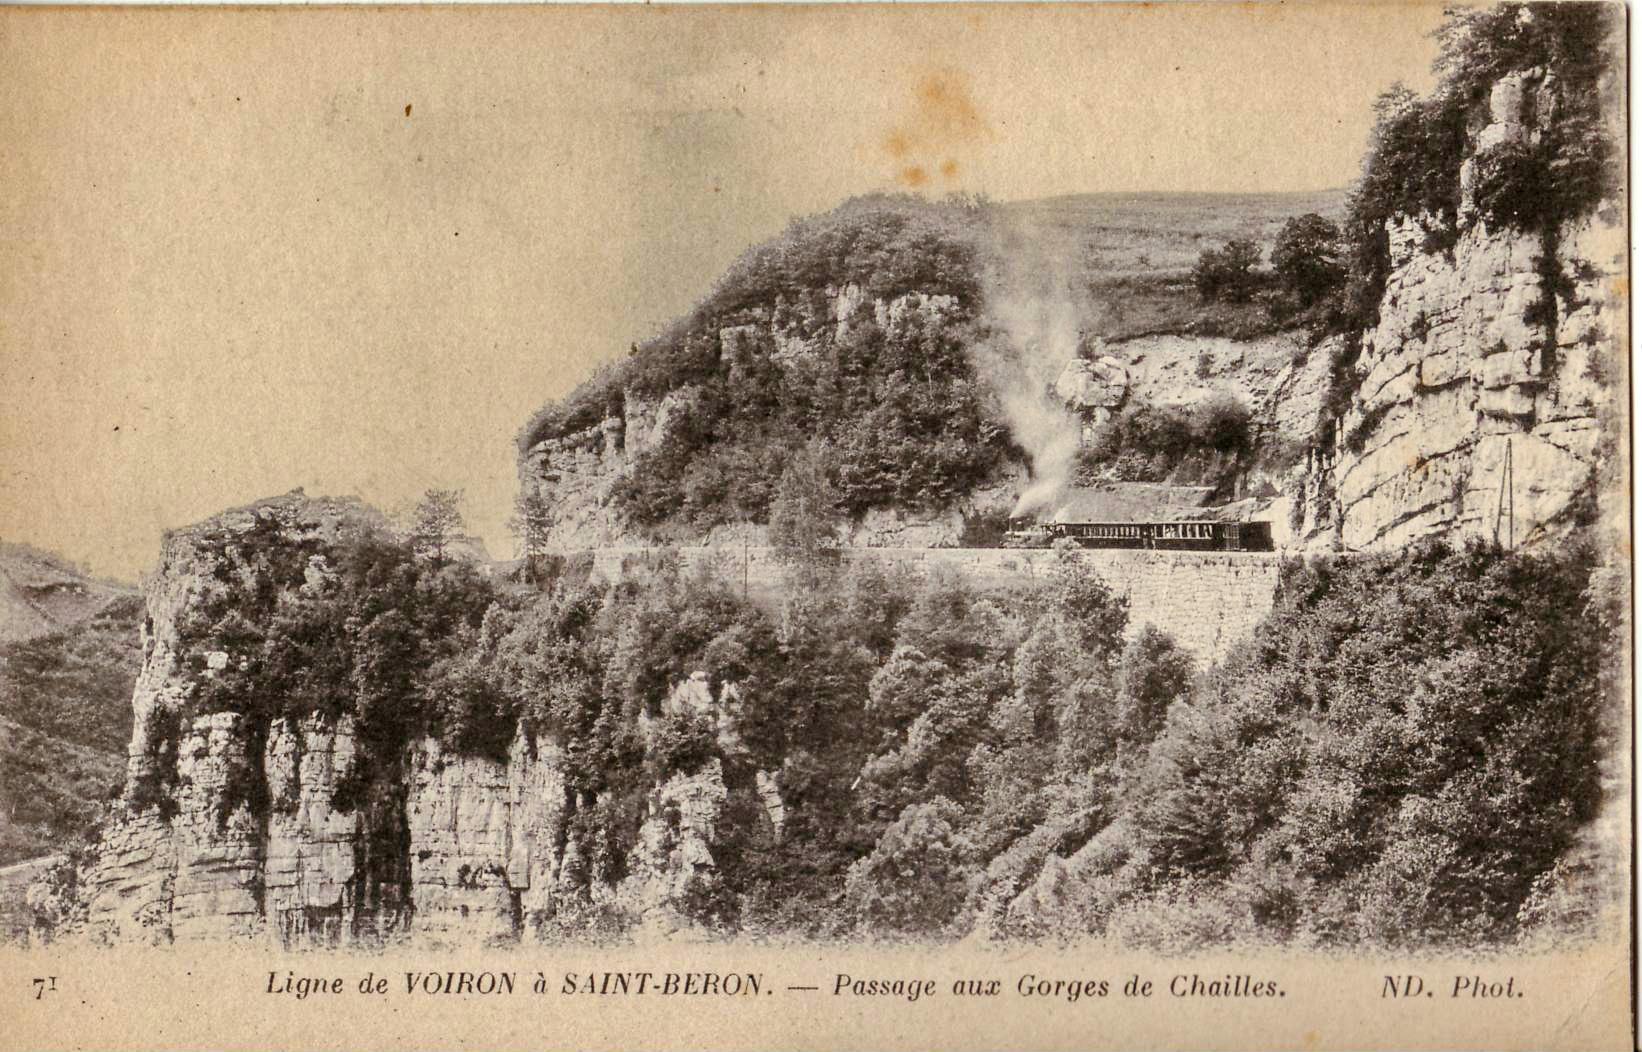 Saint-Béron